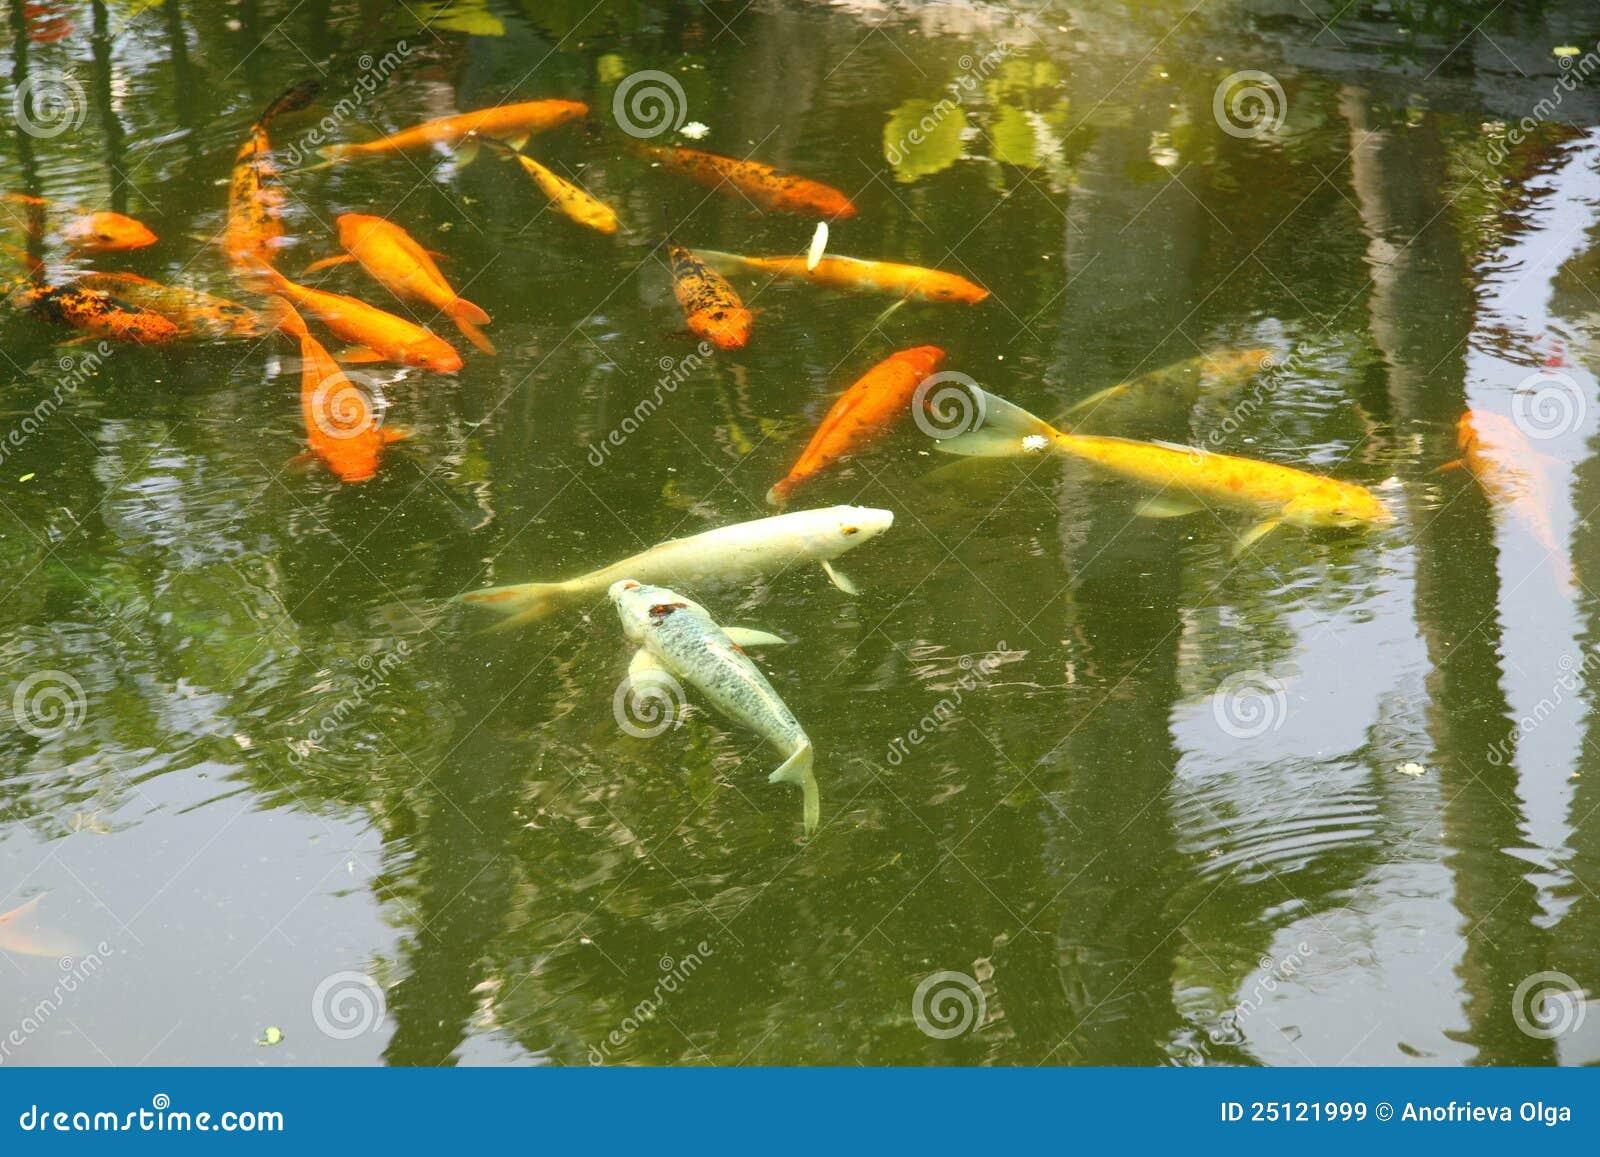 stagno con i pesci decorativi immagine stock immagine di